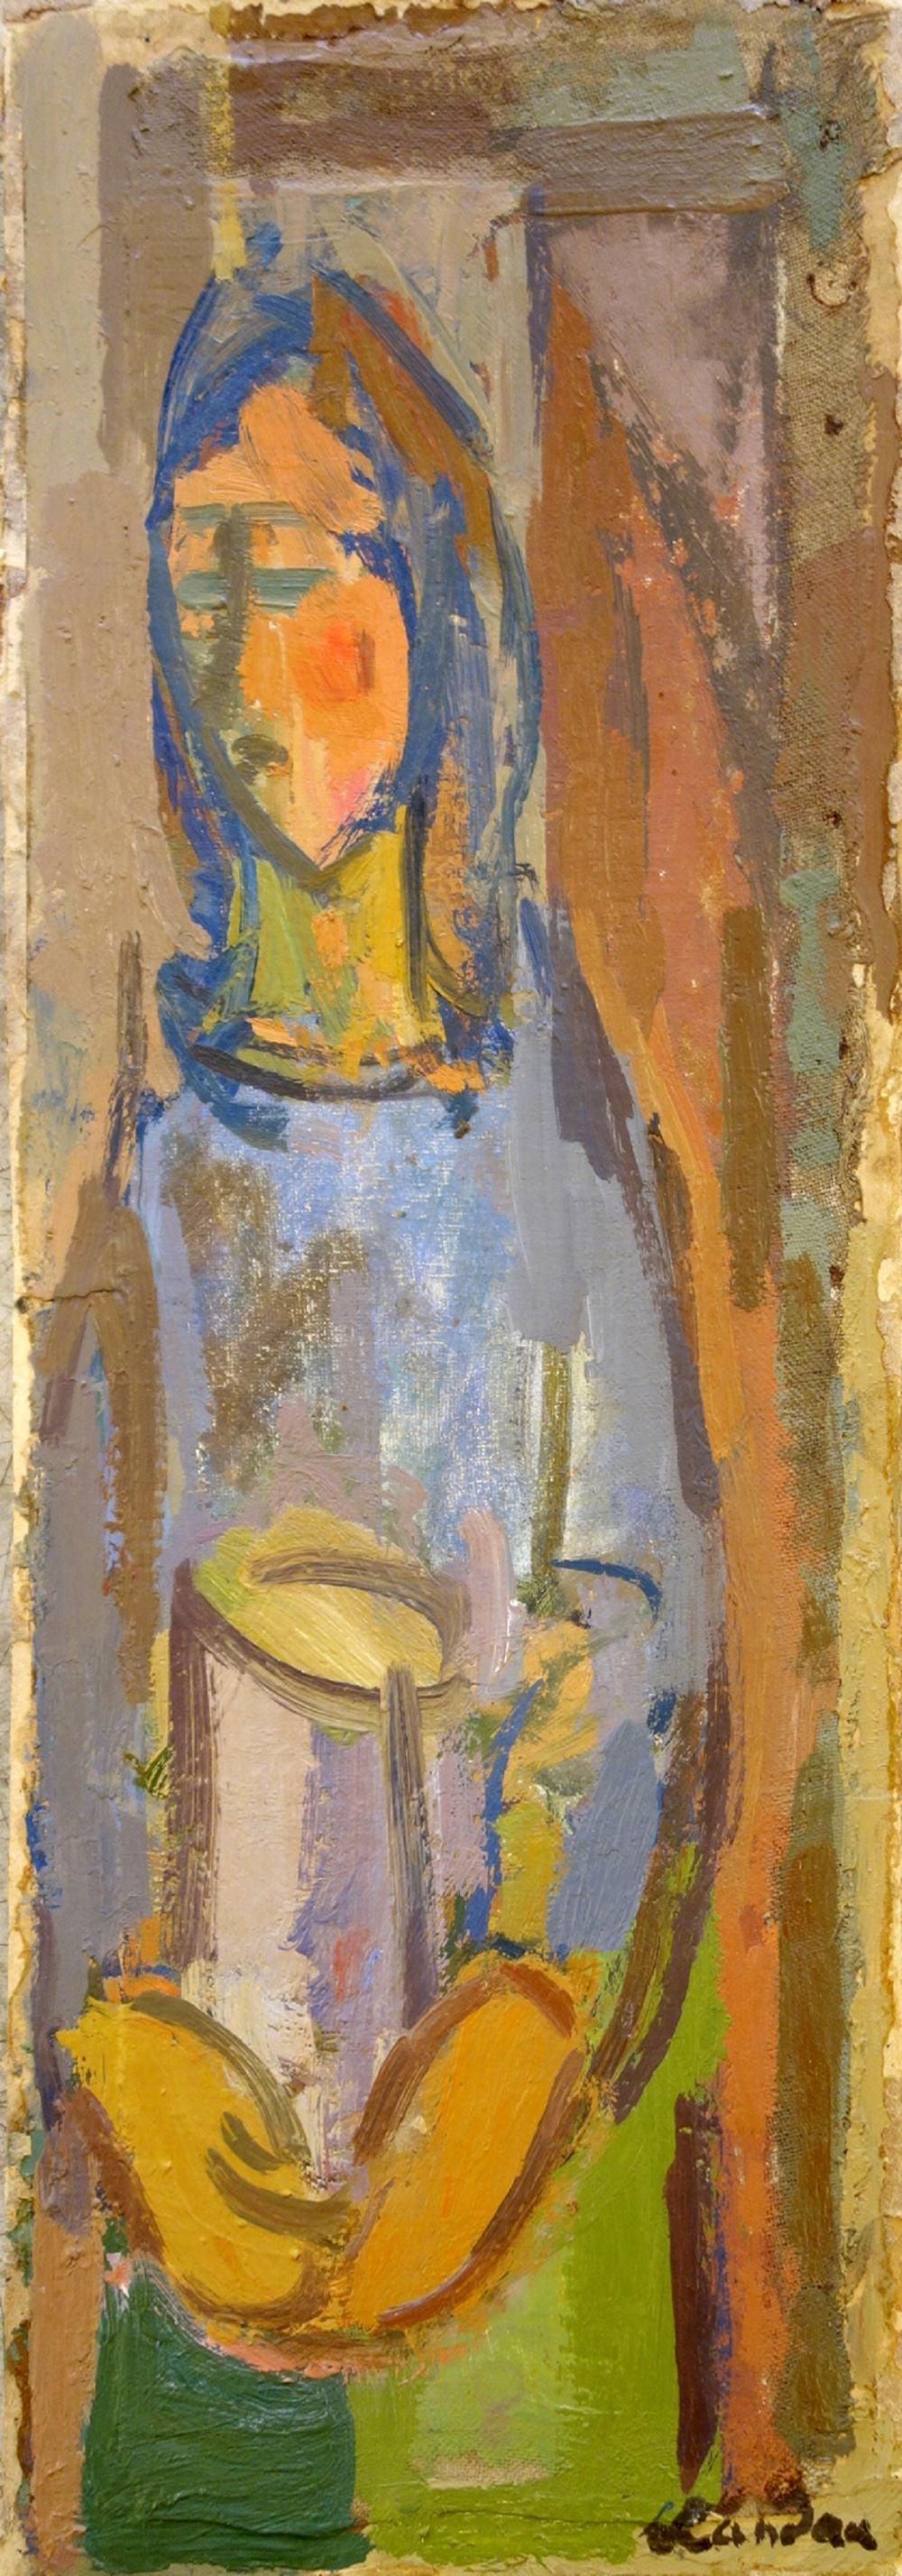 """Zygmunt Landau (1898-1962) """"Dziewczyna ze słoikiem"""", źródło: Yair Art Gallery"""